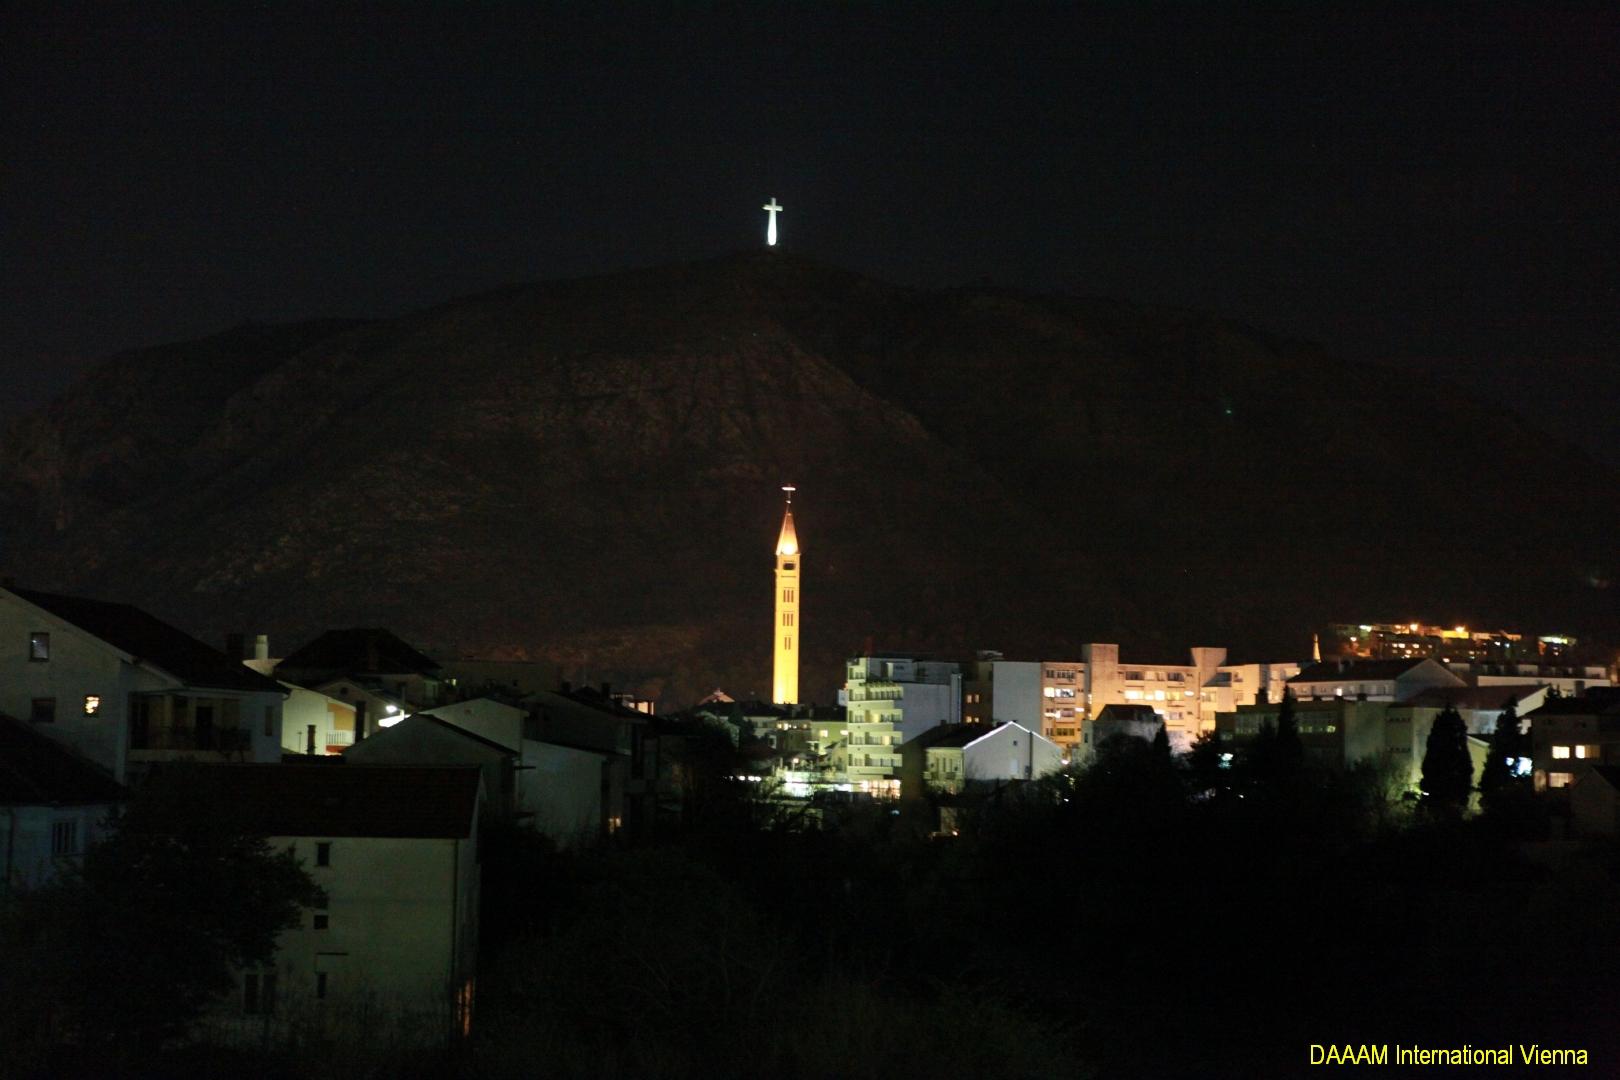 DAAAM_2016_Mostar_01_Magic_City_of_Mostar_213